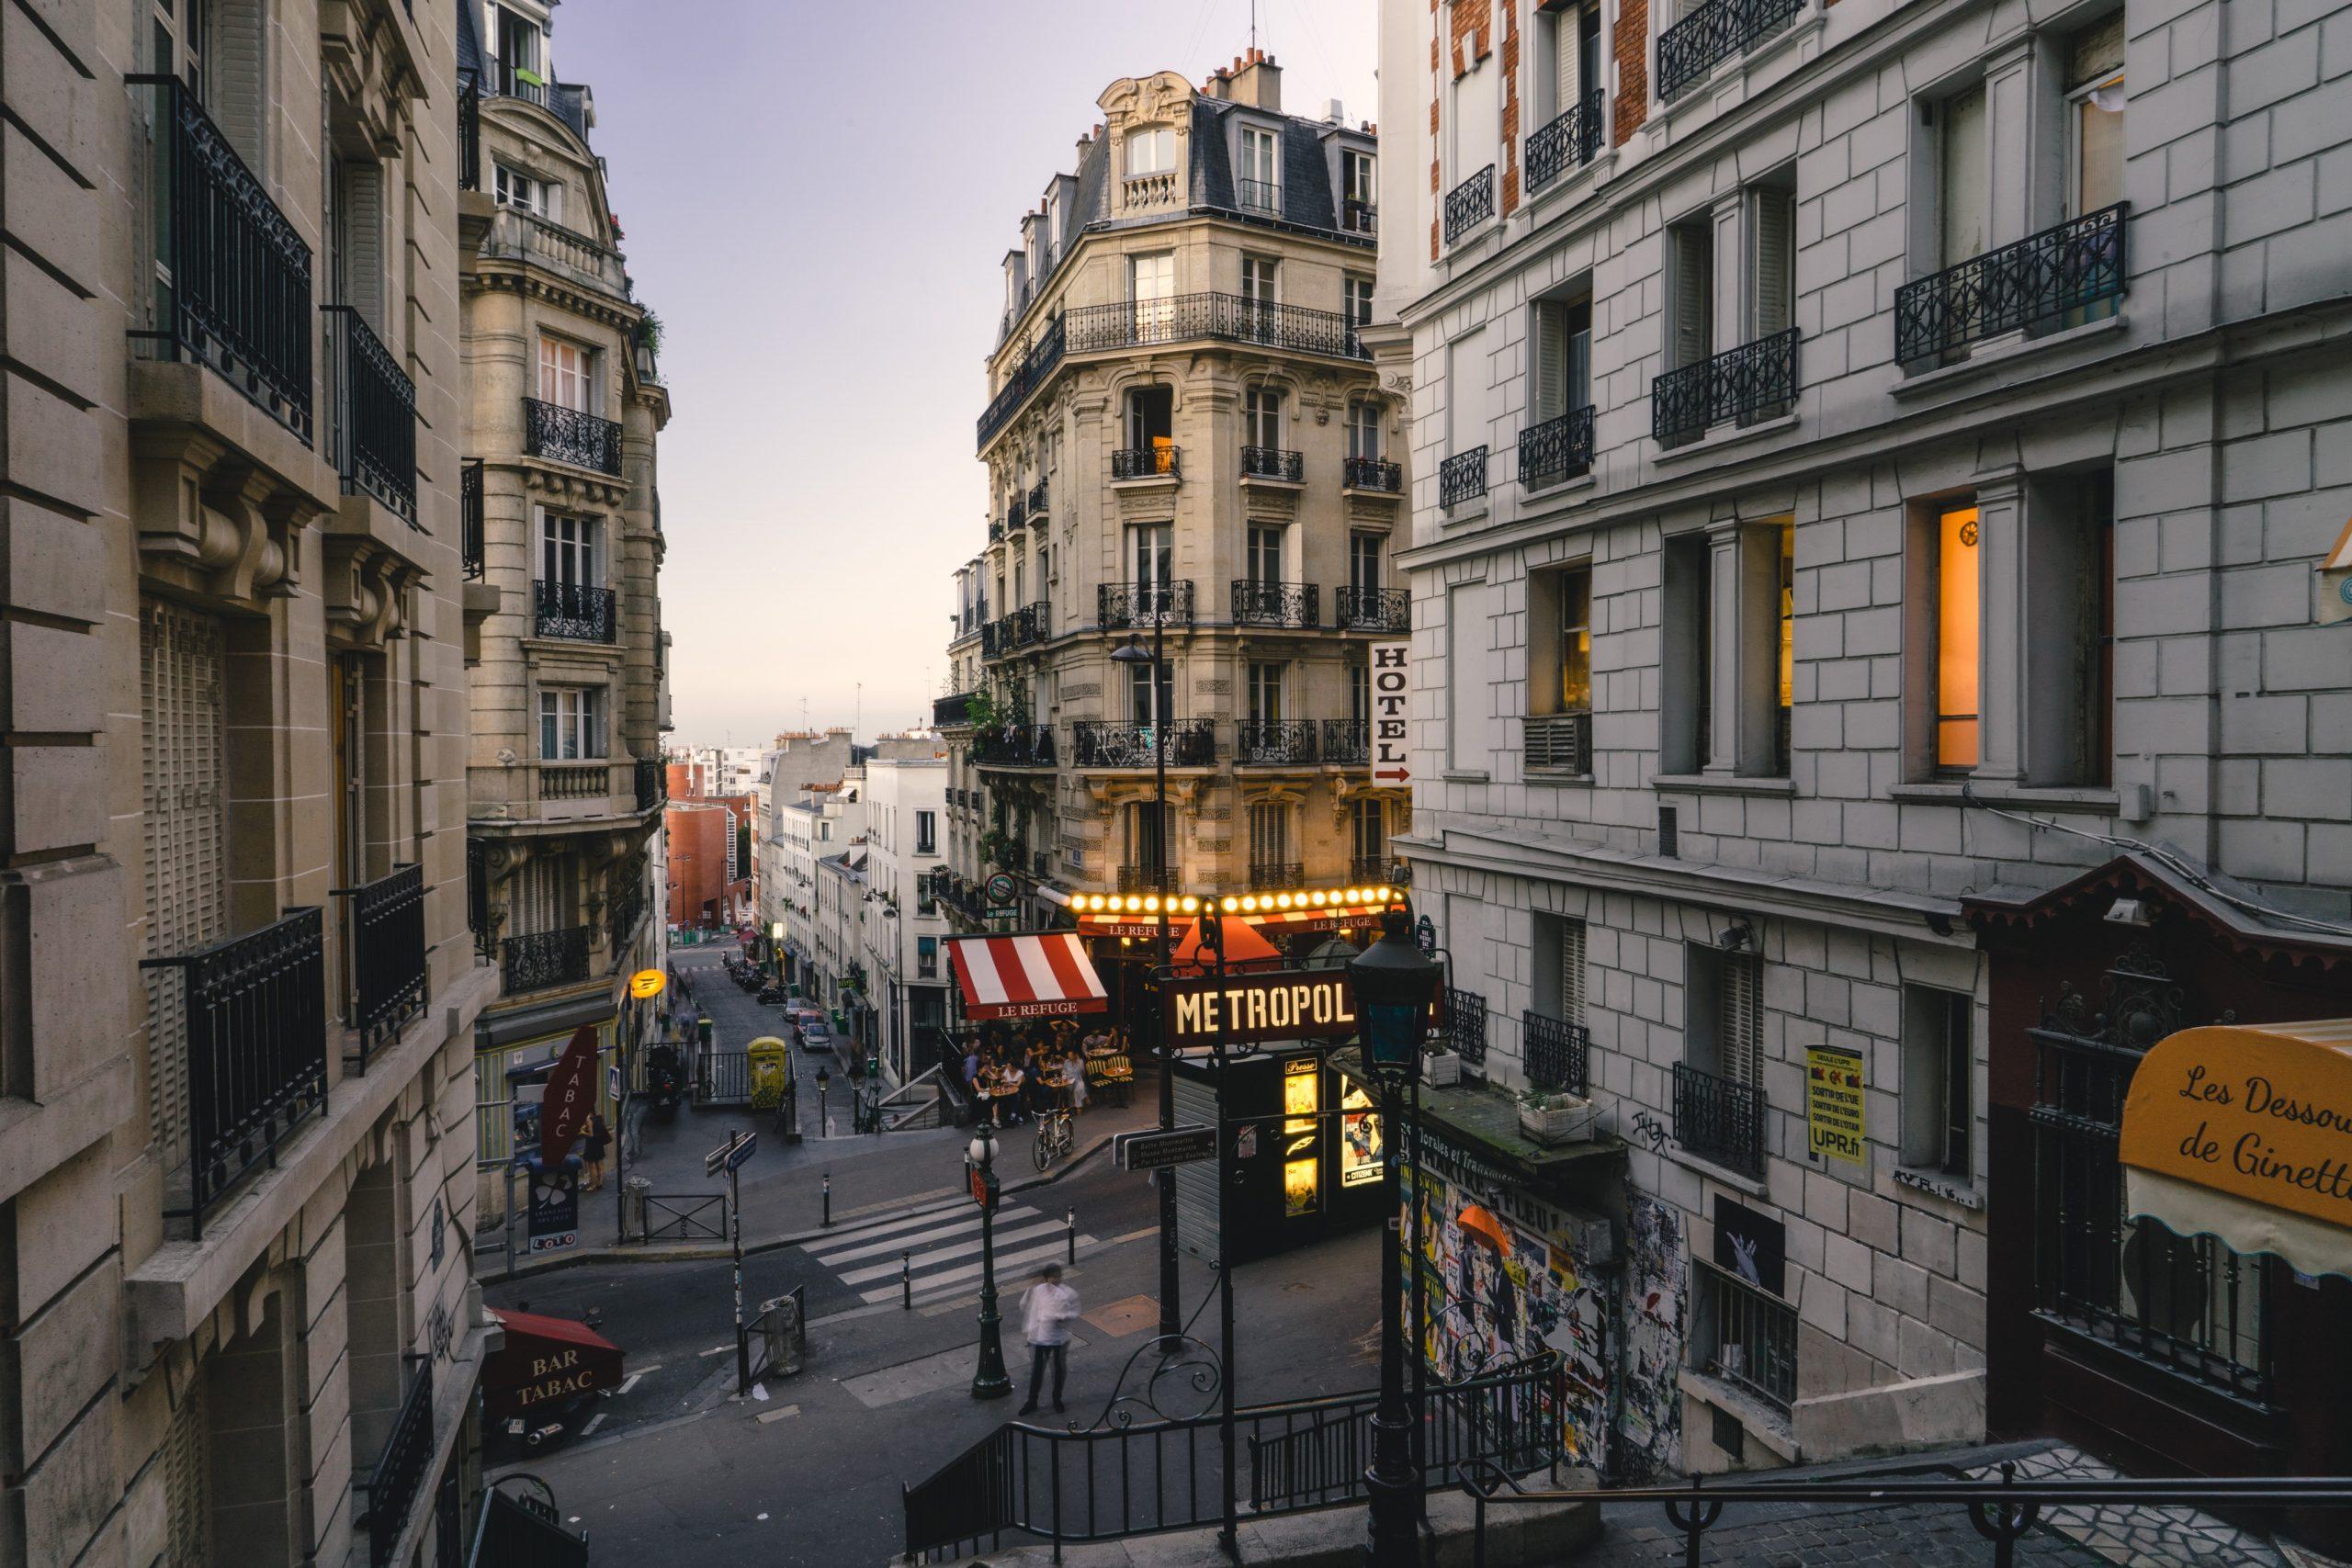 Photo : Piétonnisation du centre de Paris : vers une augmentation des prix de l'immobilier ?